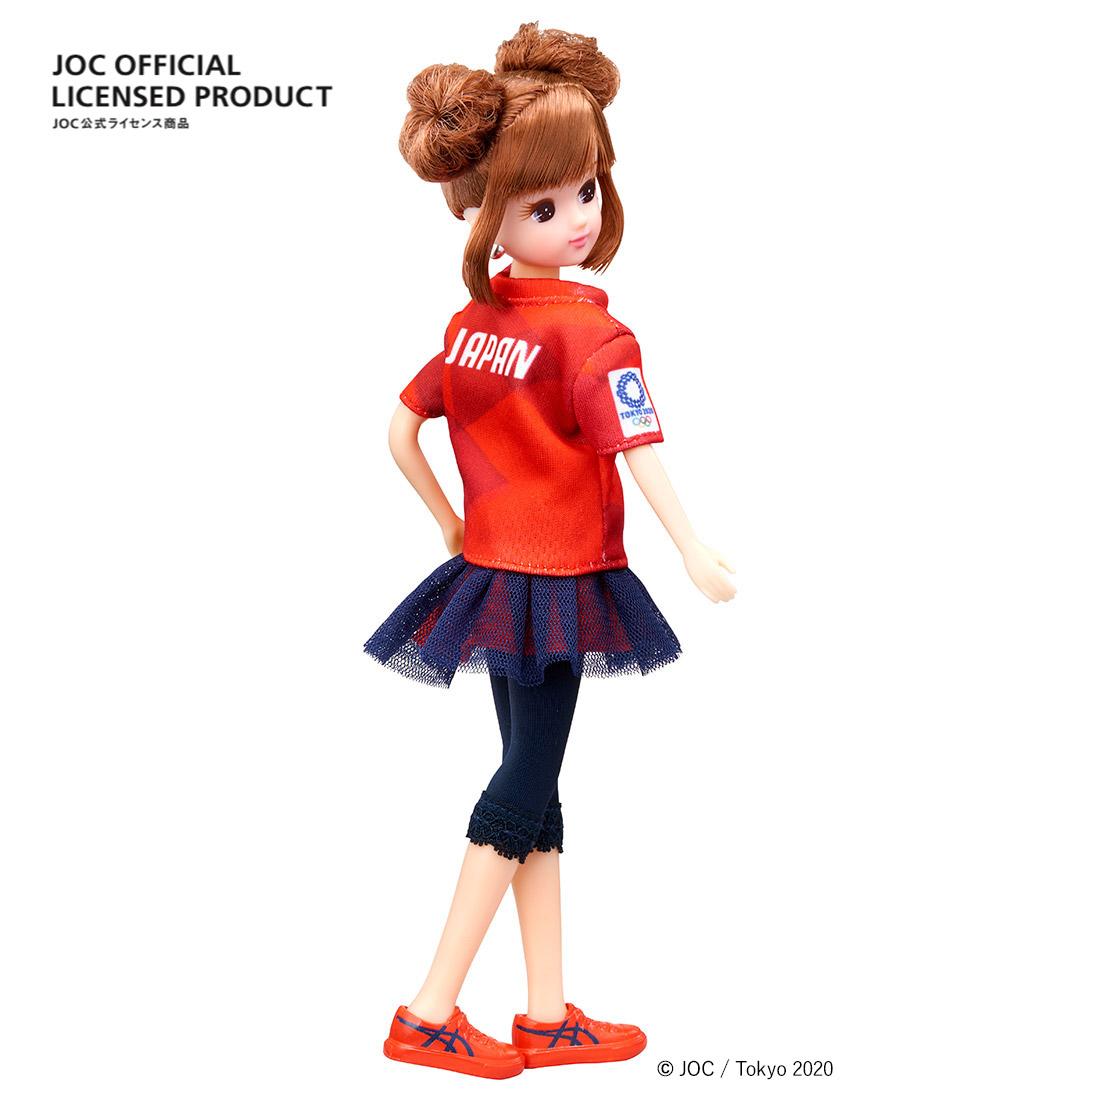 【限定販売】JOC公式ライセンス商品『サポーターリカちゃん』完成品ドール-002